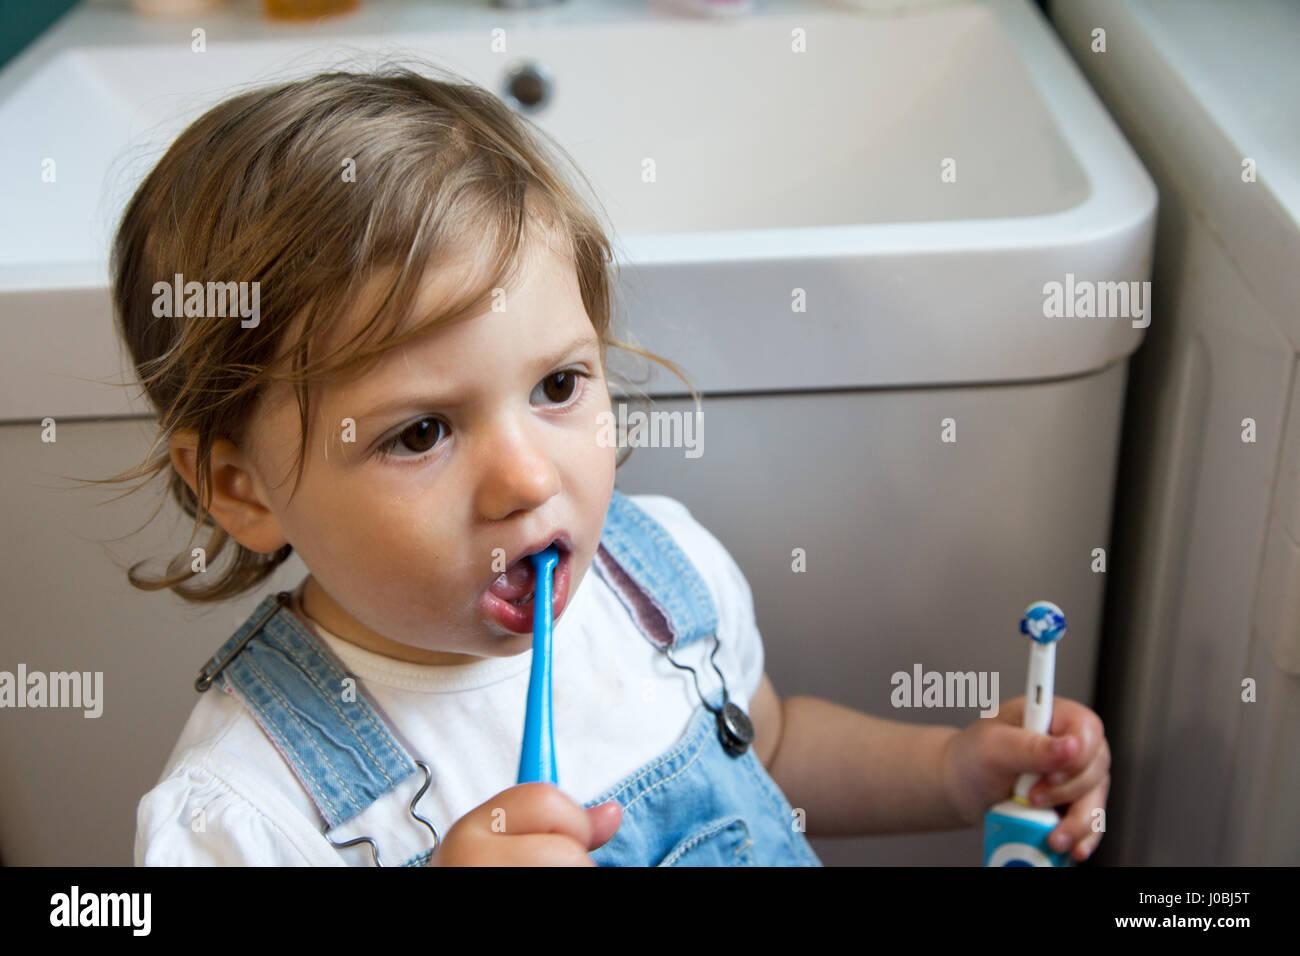 Niña Niño cepillarse los dientes con un cepillo de dientes infantil ... b3a2bb121ea5